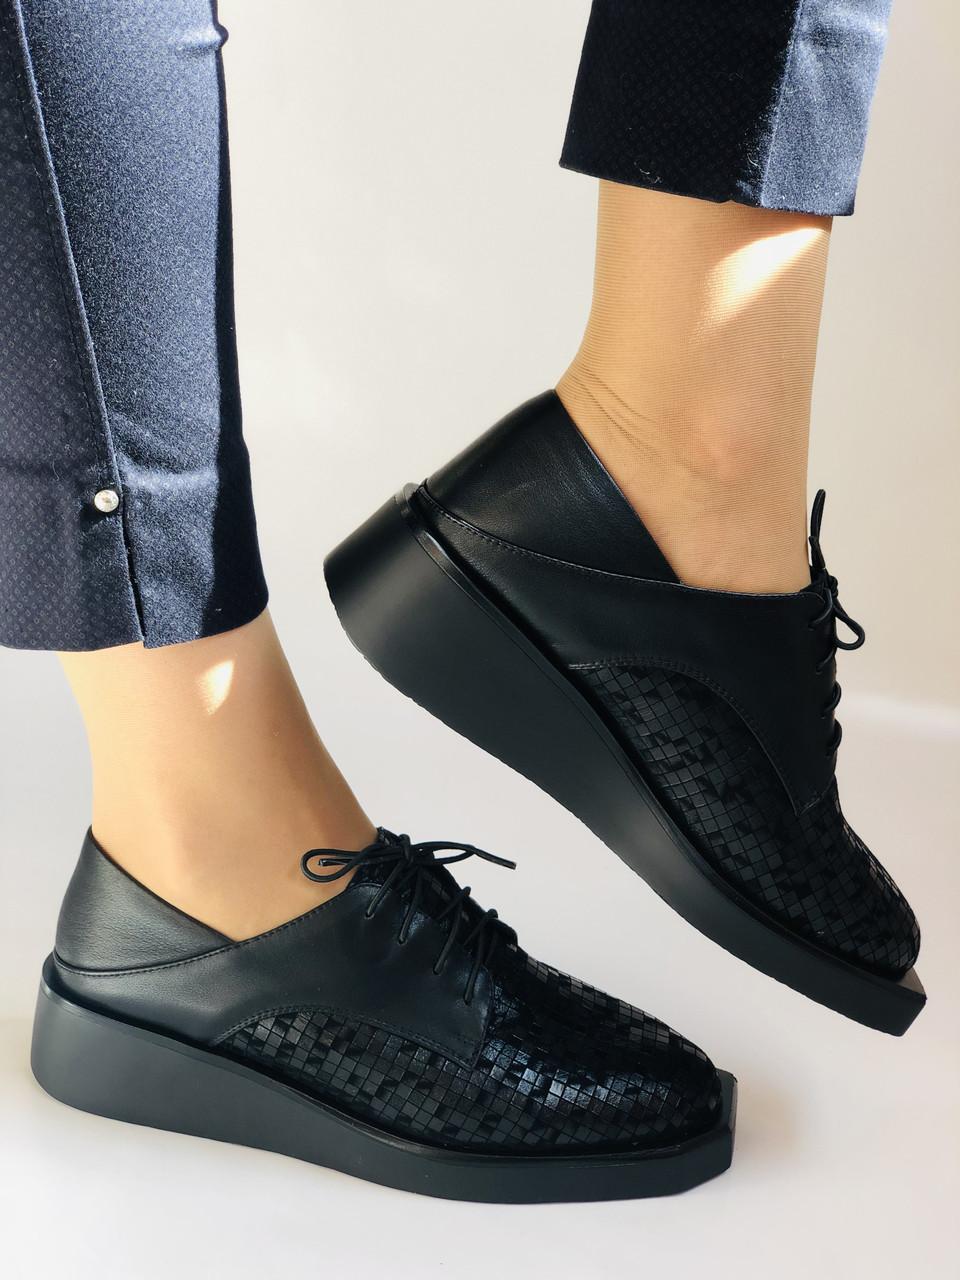 Стильні жіночі туфлі.Натуральна шкіра.Висока якість.Невисока танкетка.Erisses. 35-40